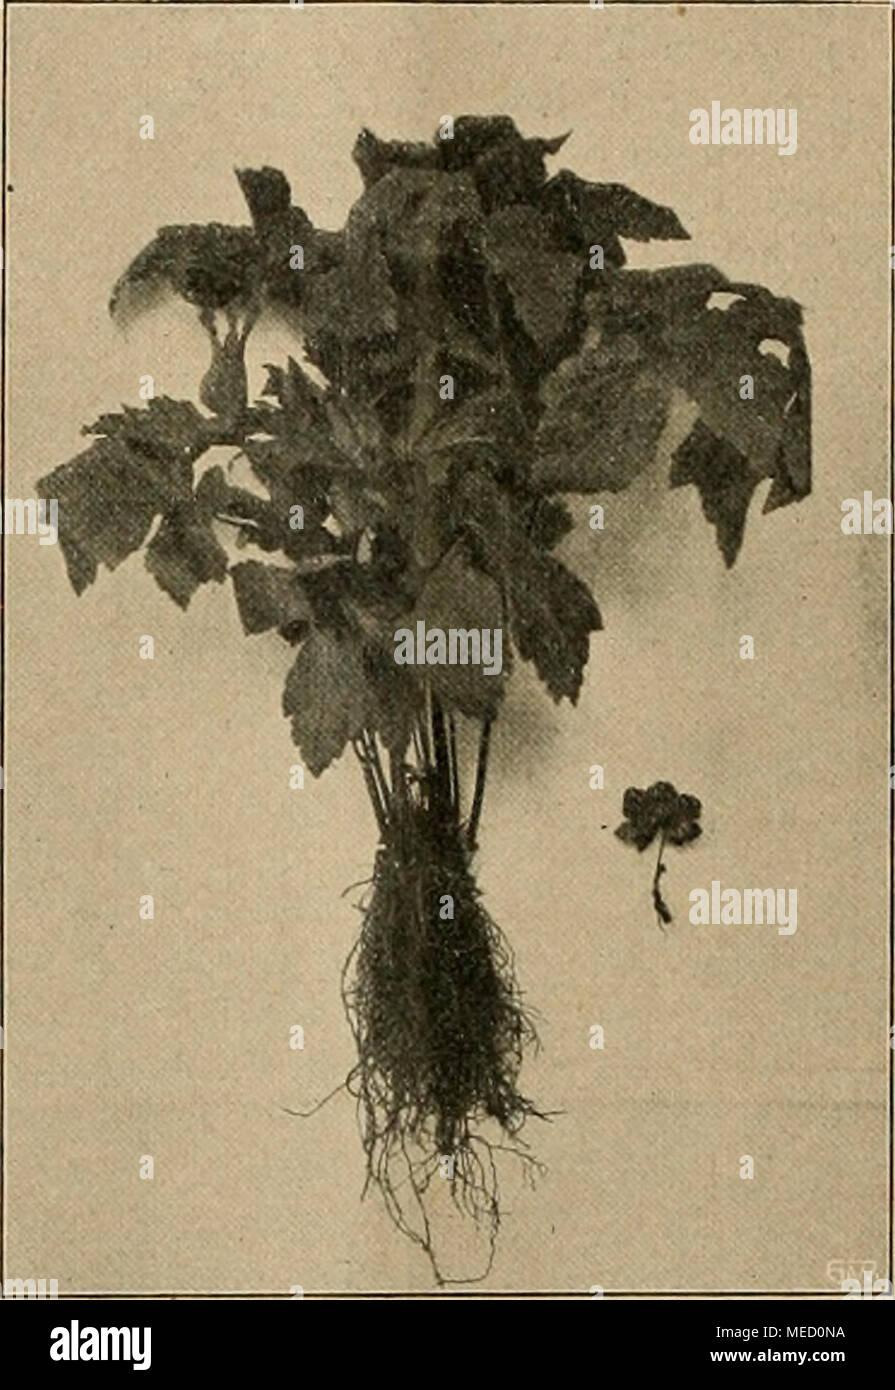 """. Die Gartenwelt . Hydrastis canadensis, gepflanzt im Sept. 1909, rechts junger Pflänzling. Originalaufnahme für die """"Gartenwelt"""". Gehölze. Magnolia grandiflora in La Spezia. Sie ist sehr schön und erhaben 1 Man darf aber diese Magnolienbäume nur auf ihren künst- lichen Hügelchen sehen und sonst nichts weiter in dem Teile des Stadtgartens, dem sie angehören, sonst ist es aus mit dem Zauber! Man muß es machen, wie in den Galerien. Hängt da ein Murillo, so darf man nur ihn betrachten und muß alle Plebejer, die da- neben hängen, geflissentlich übersehen, dann geht man gedanken- schwer fort u Stock Photo"""